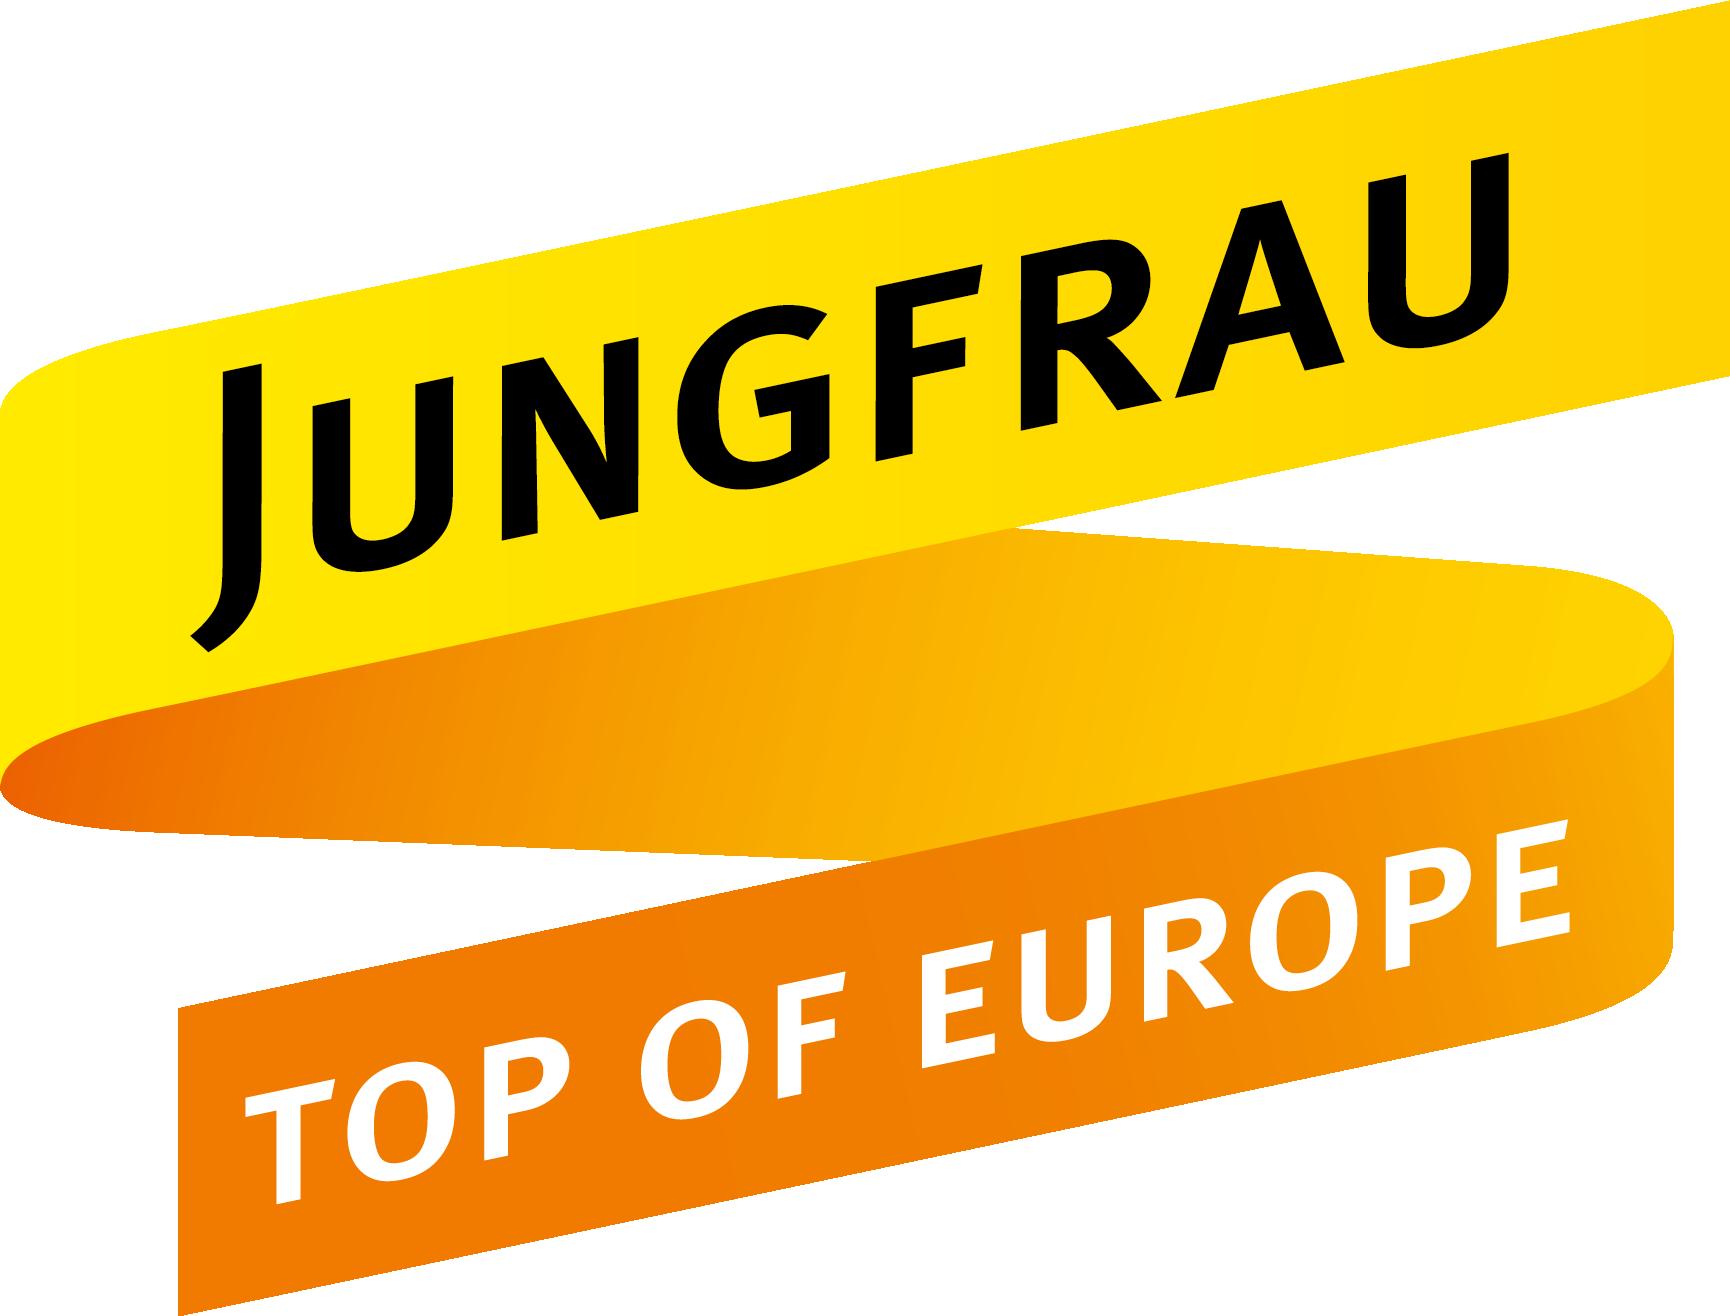 Logo Berner Oberland Bahnen (Jungfrau Holding)